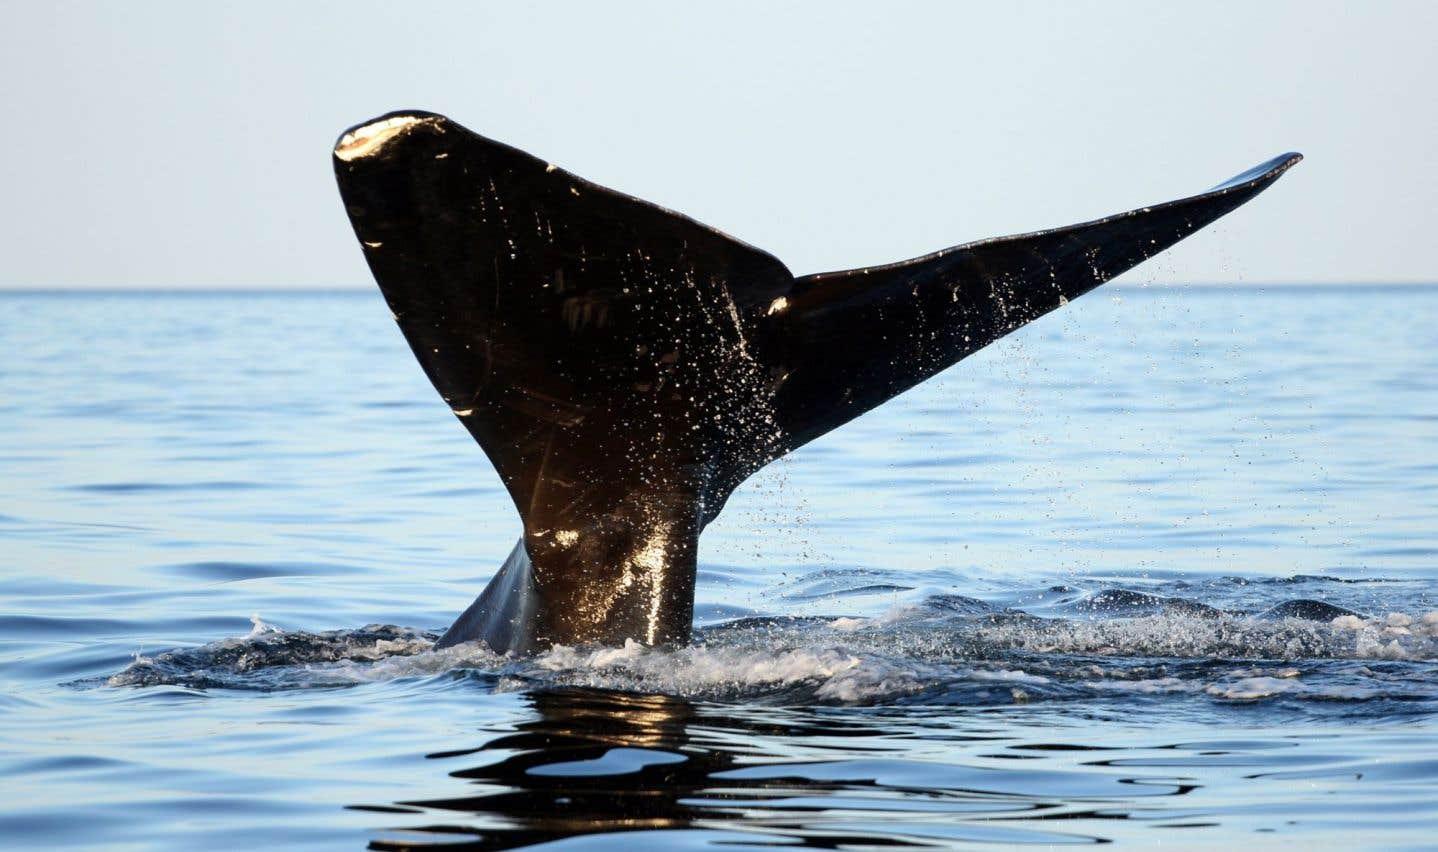 Une autre baleine menacée sur la route de TransCanada